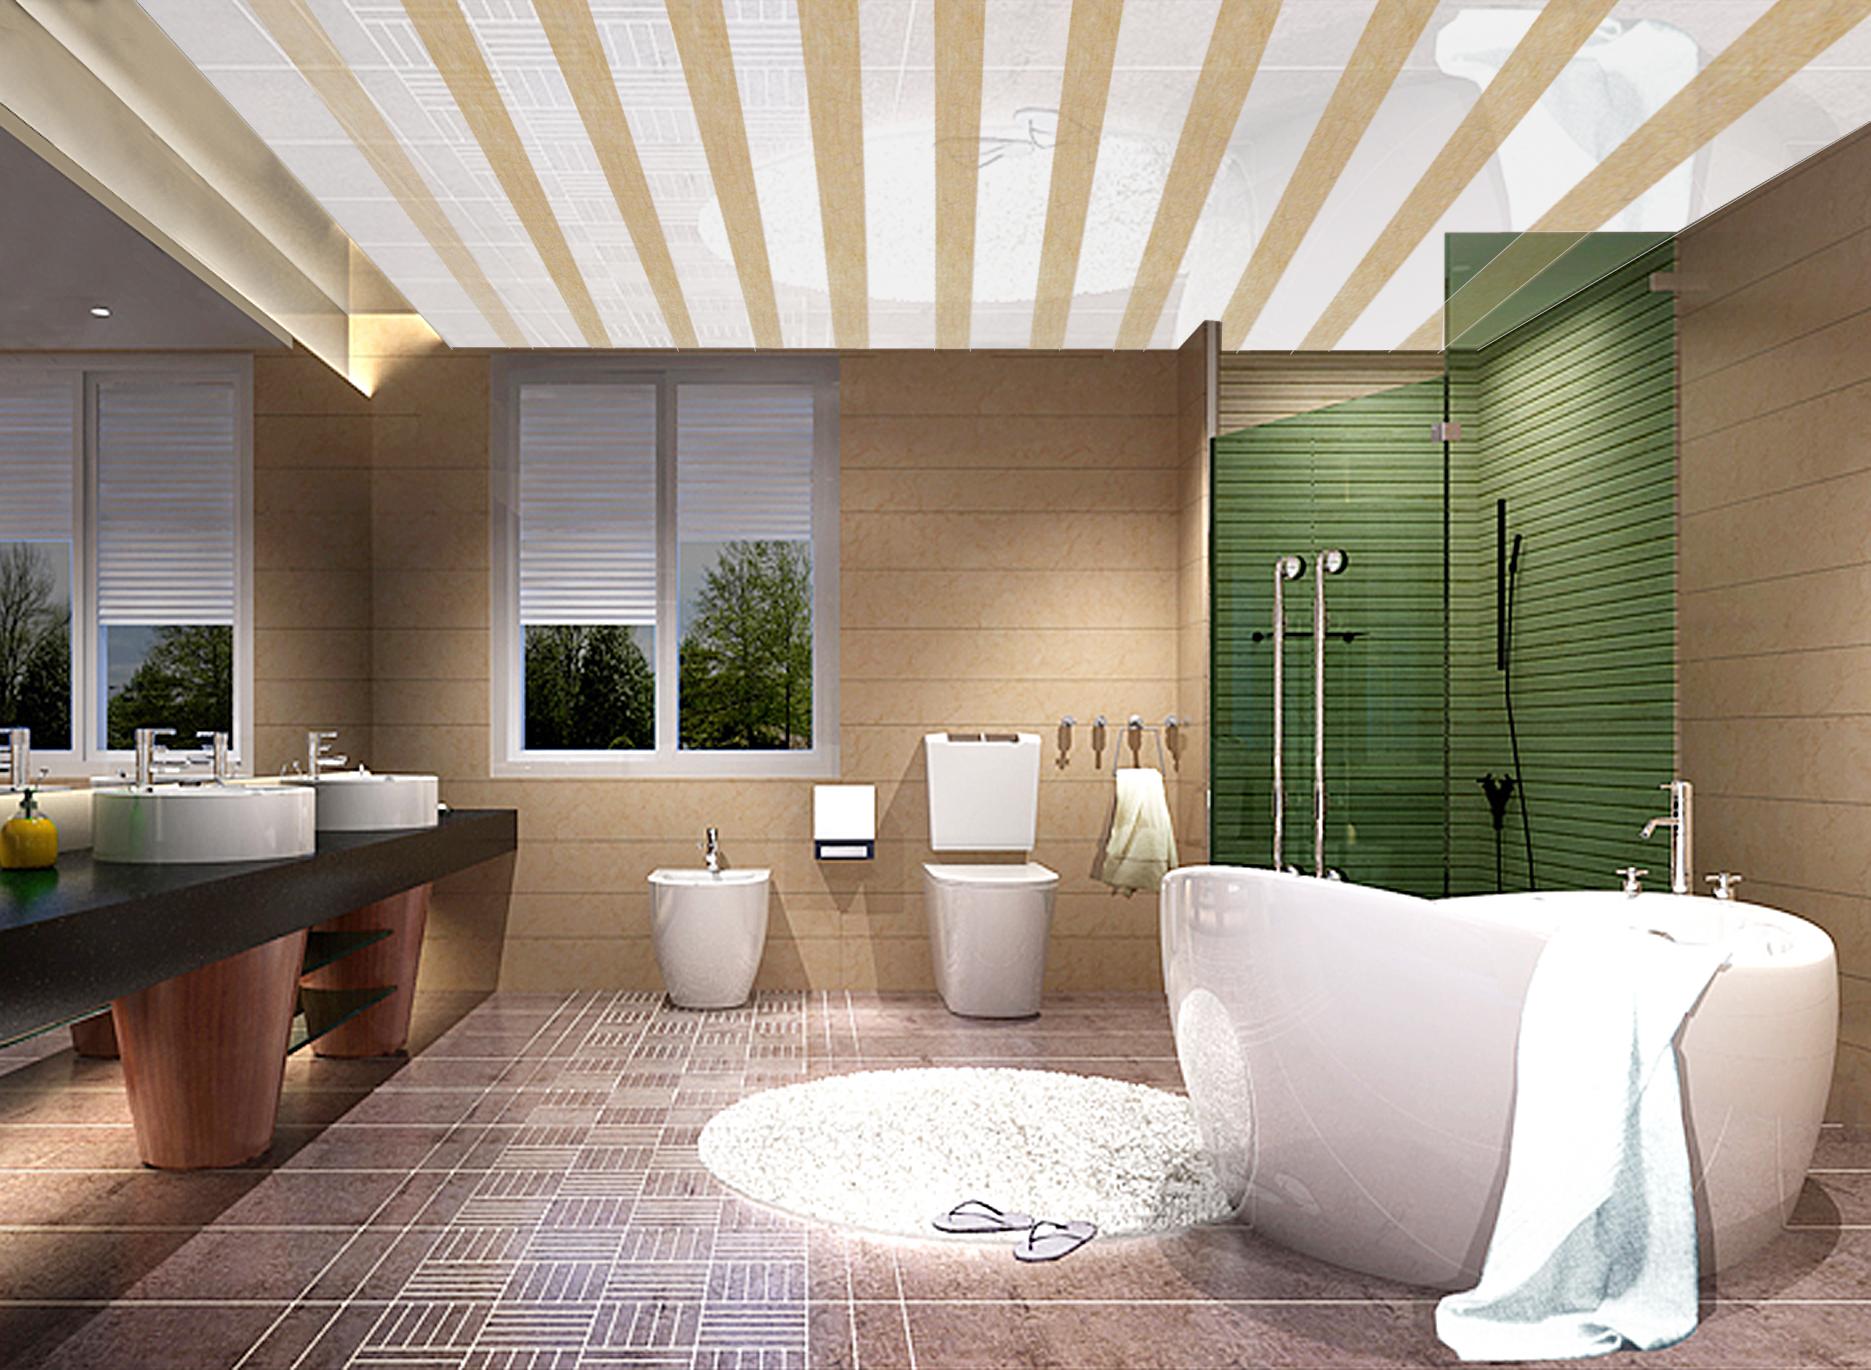 Ванная с потолком из пластиковых панелей может смотреться роскошно